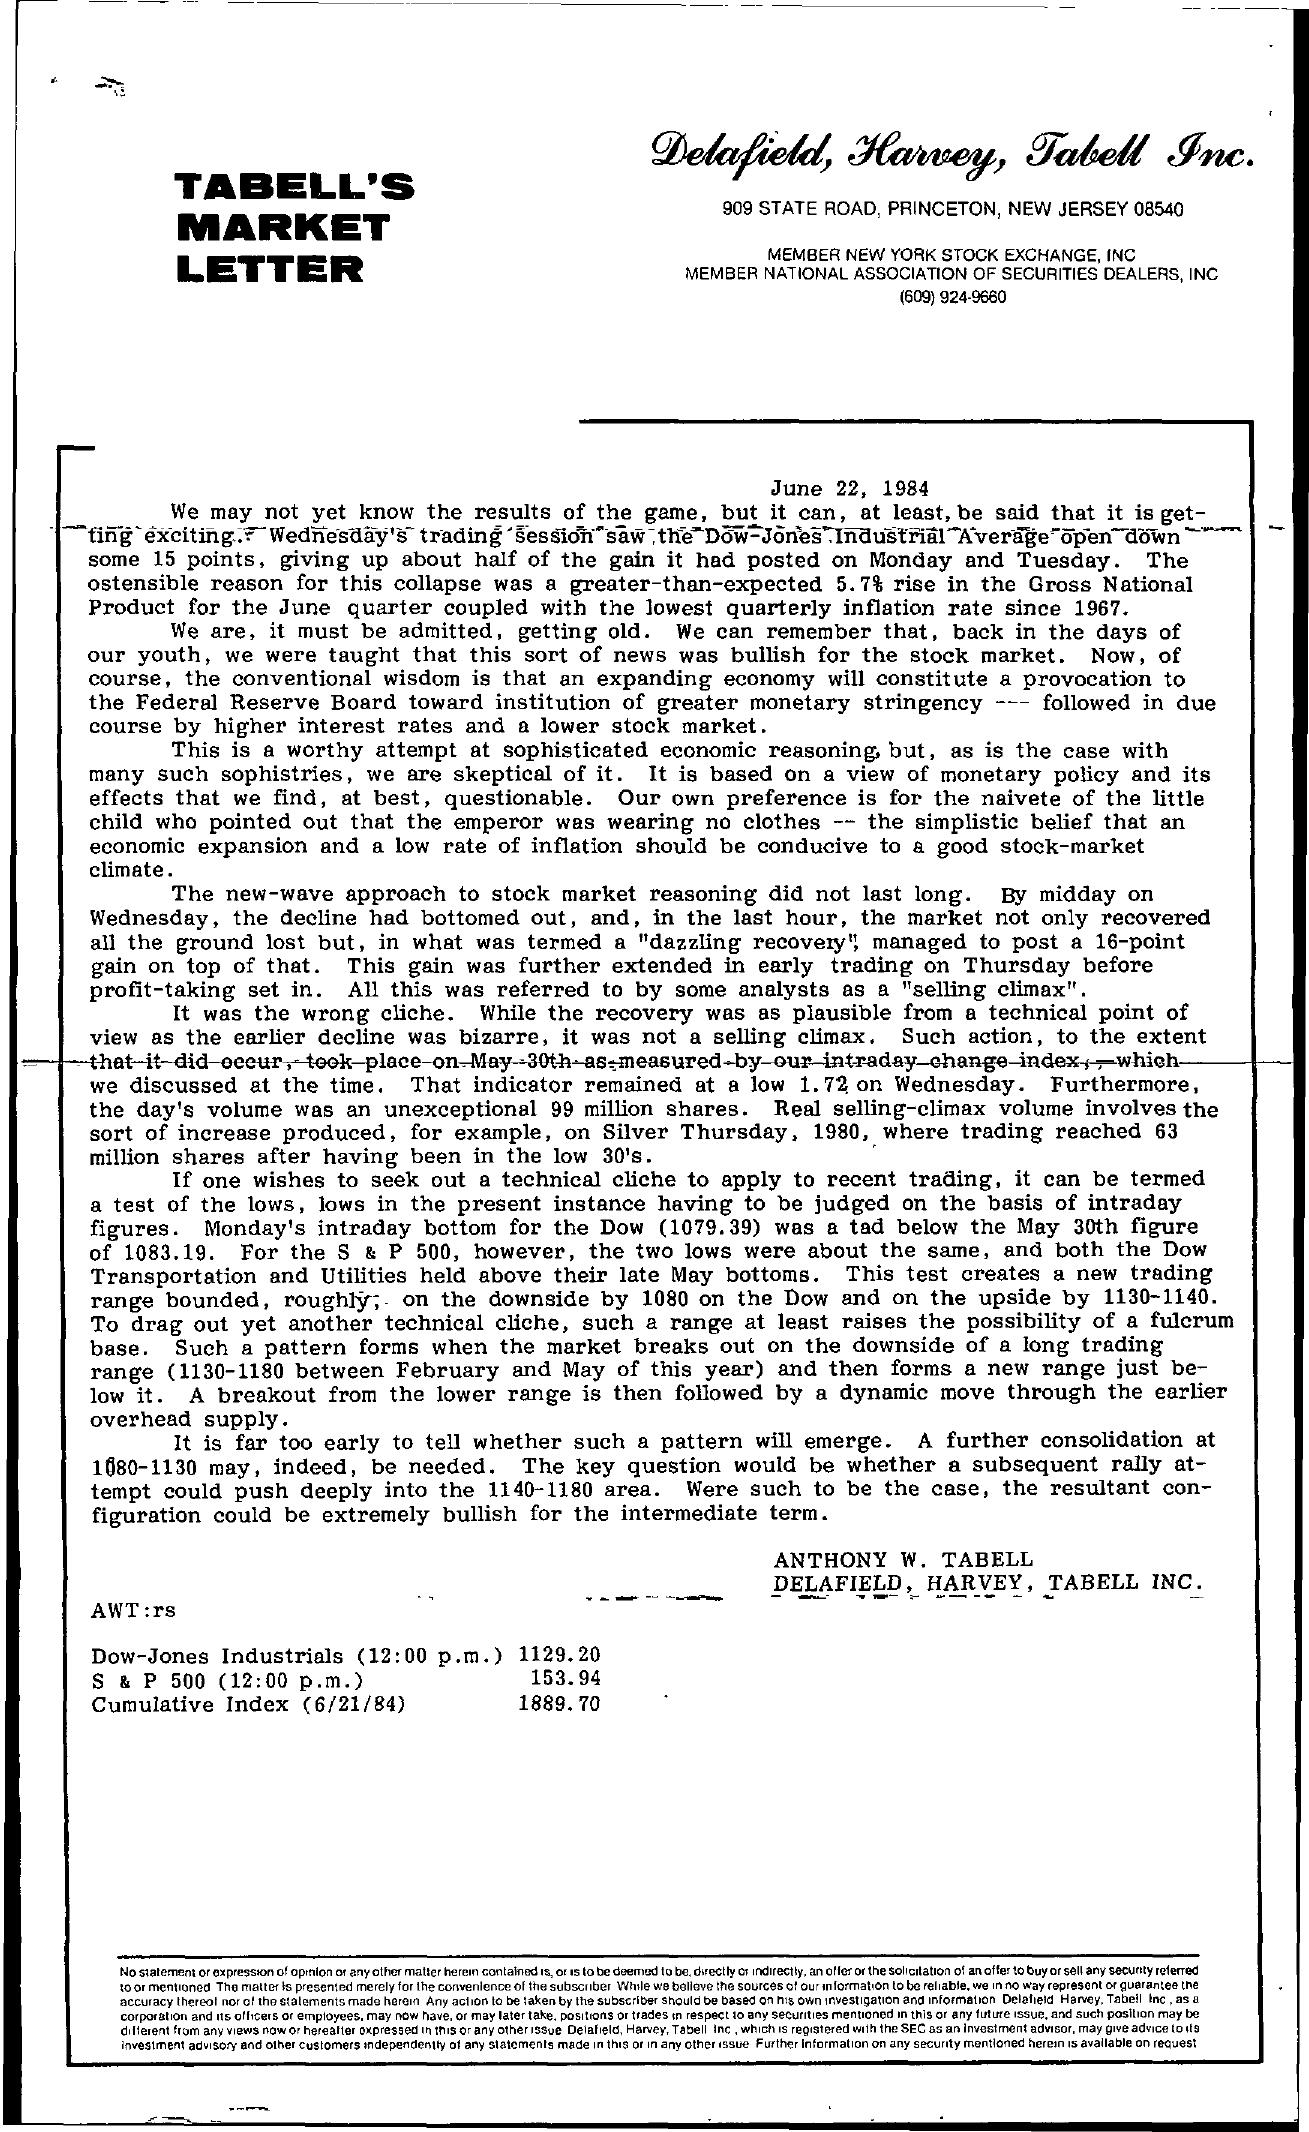 Tabell's Market Letter - June 22, 1984